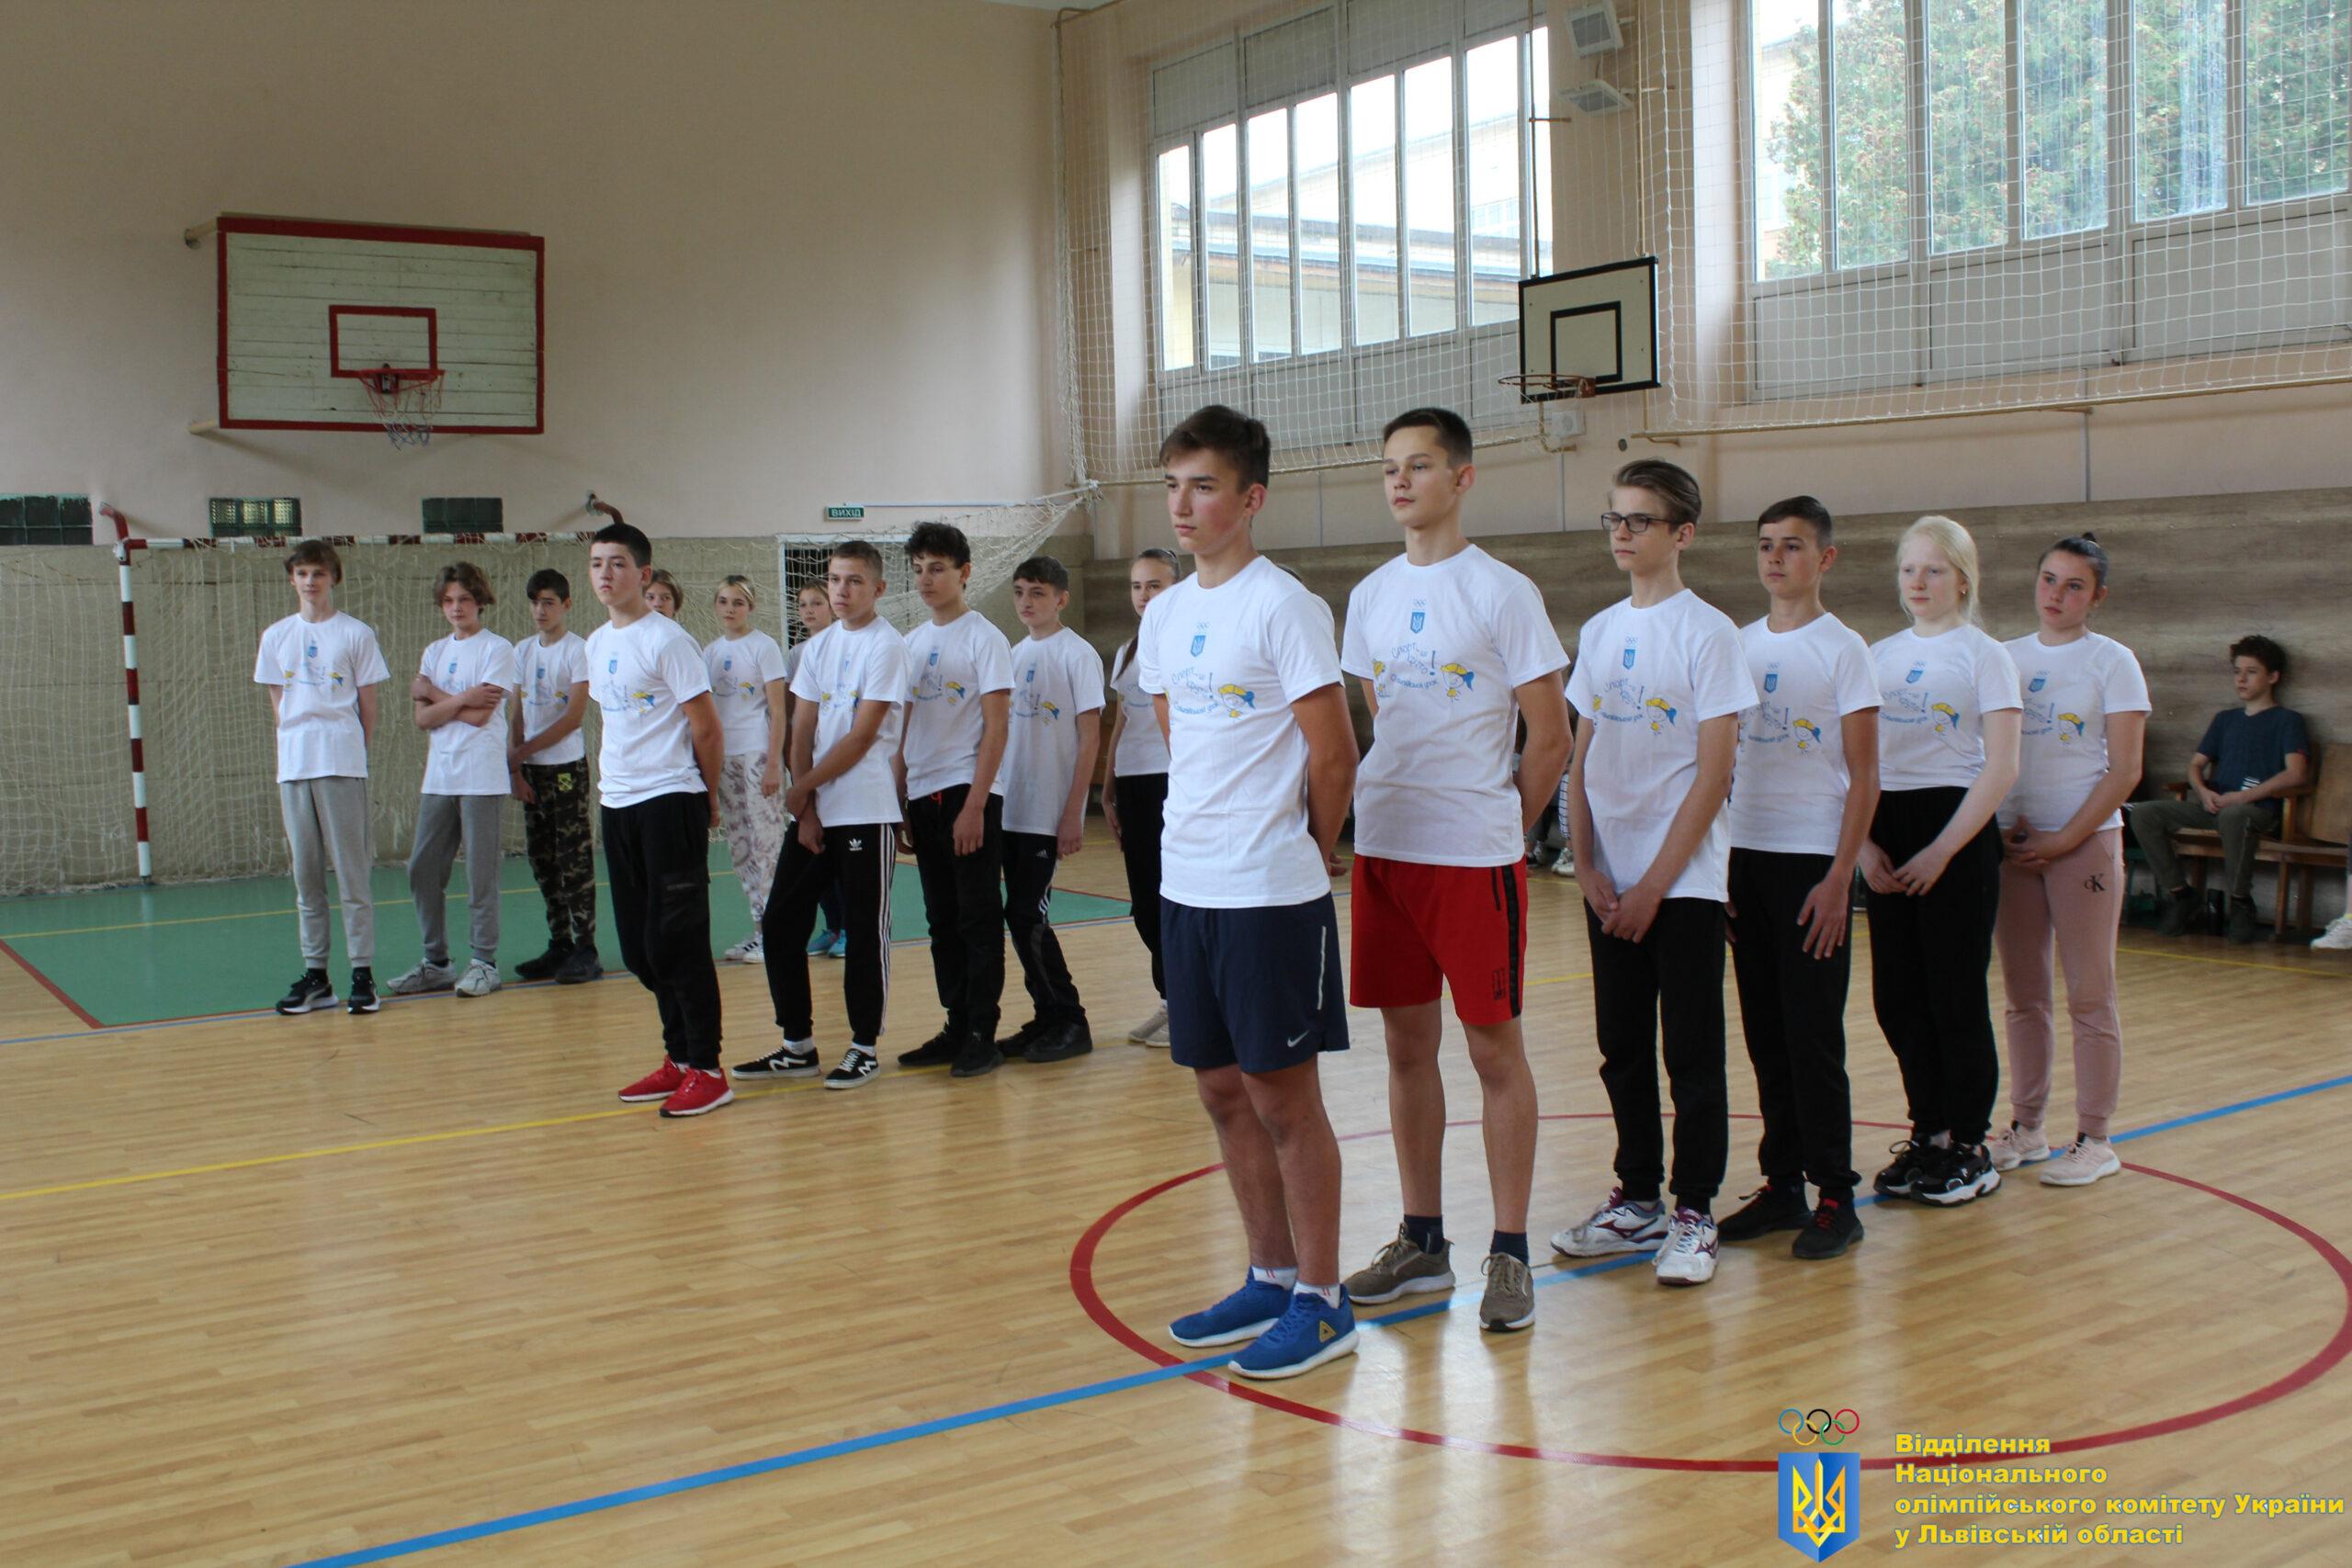 Ще один Олімпійський урок на Львівщині!